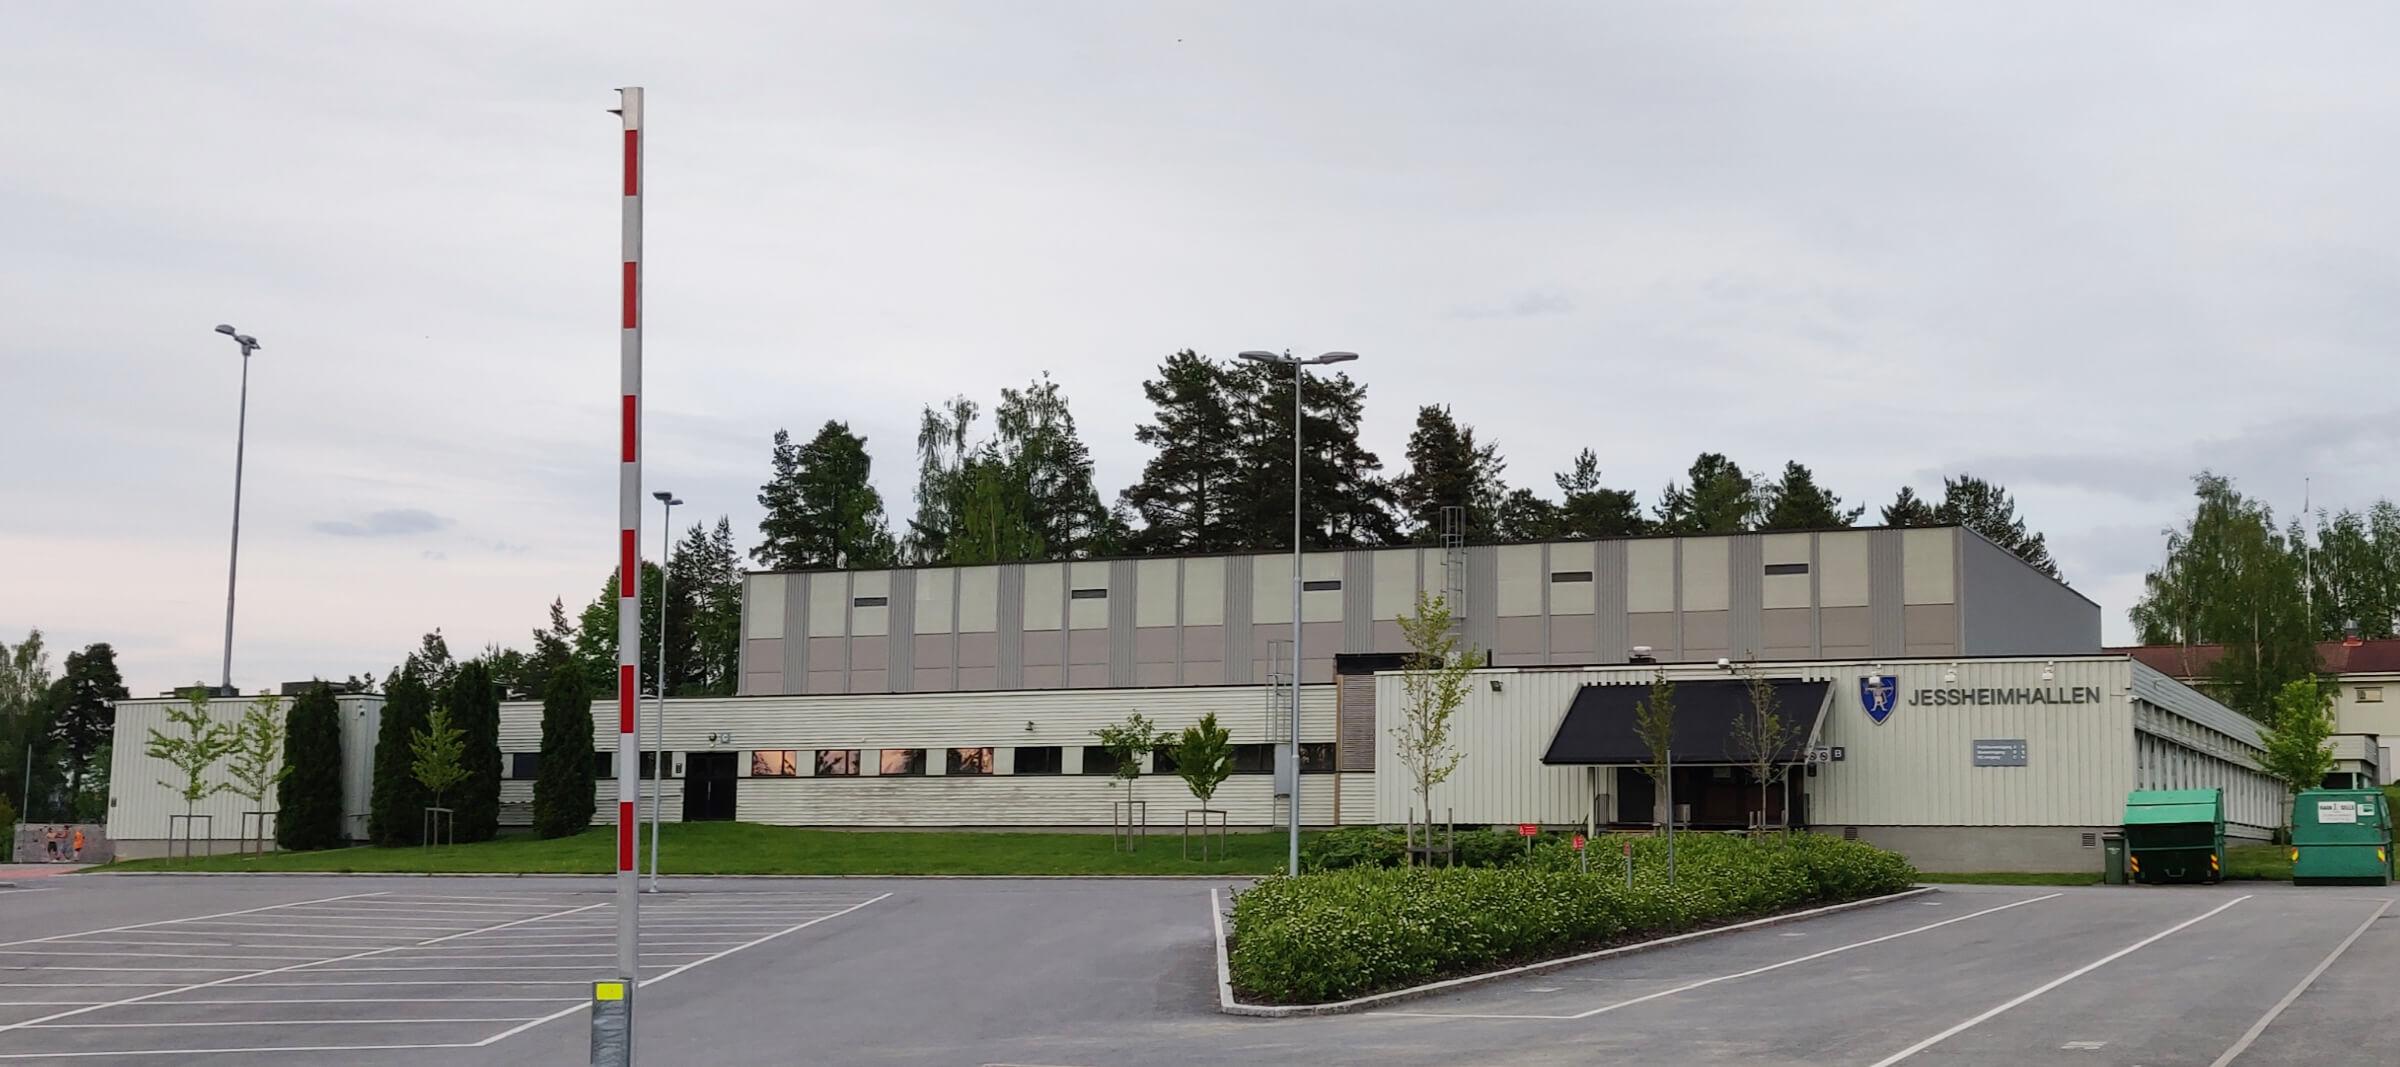 Jessheimhallen 2021